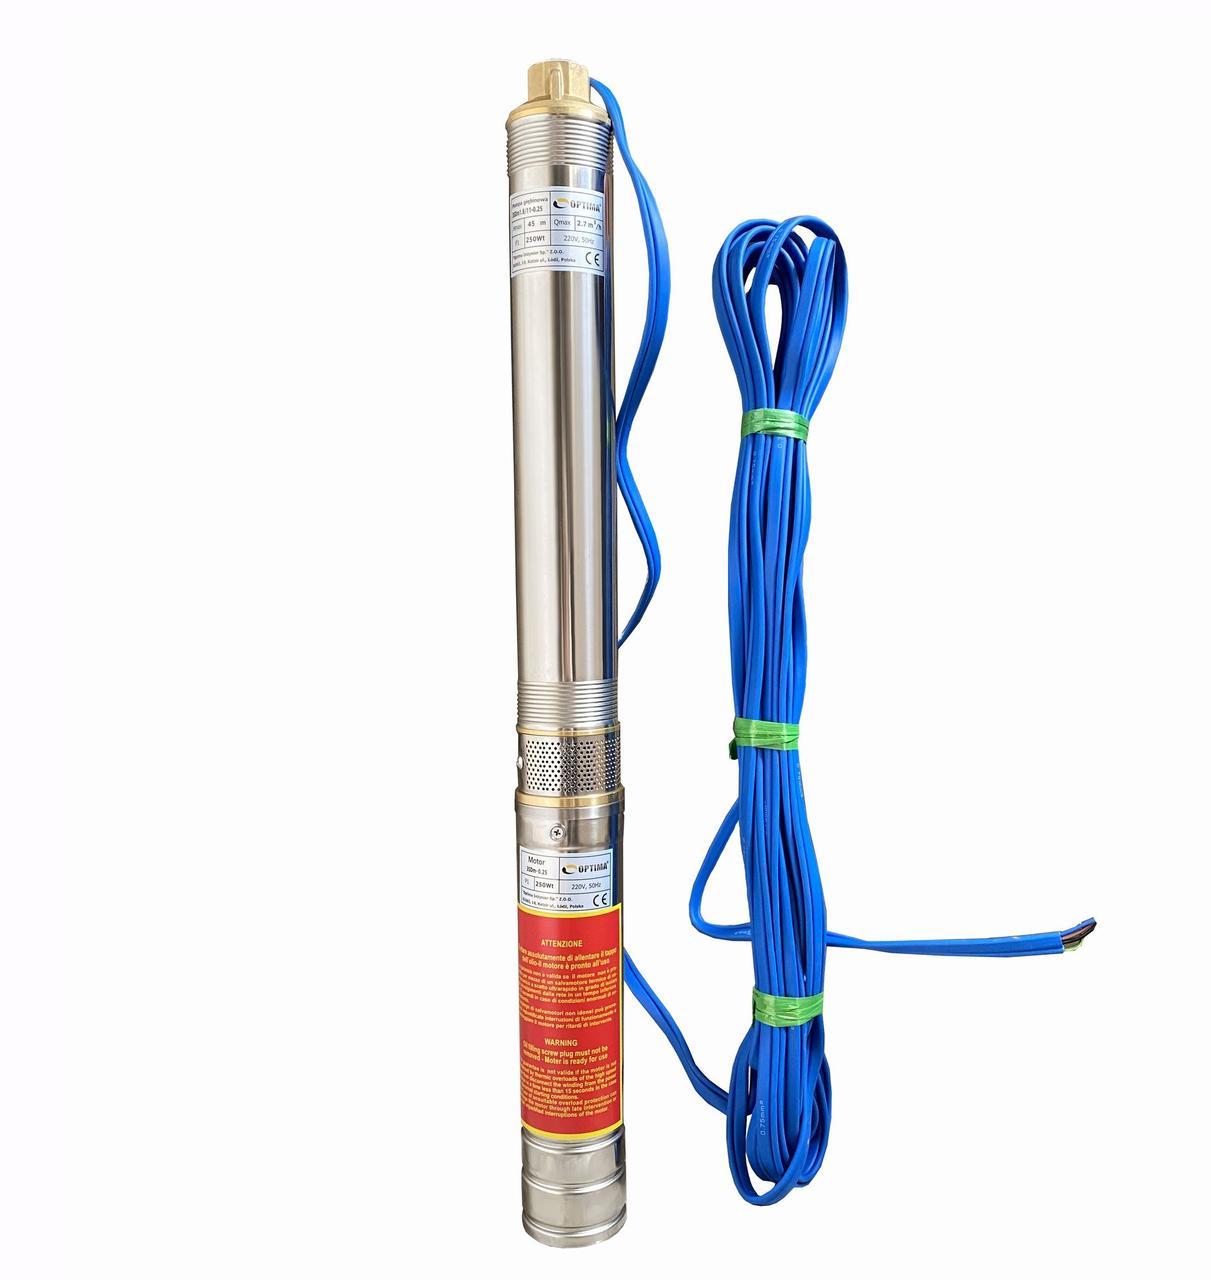 Насос скважинный центробежный Optima 3SDm1,8/11 0,25 кВт 45 м + кабель 15 м и пульт